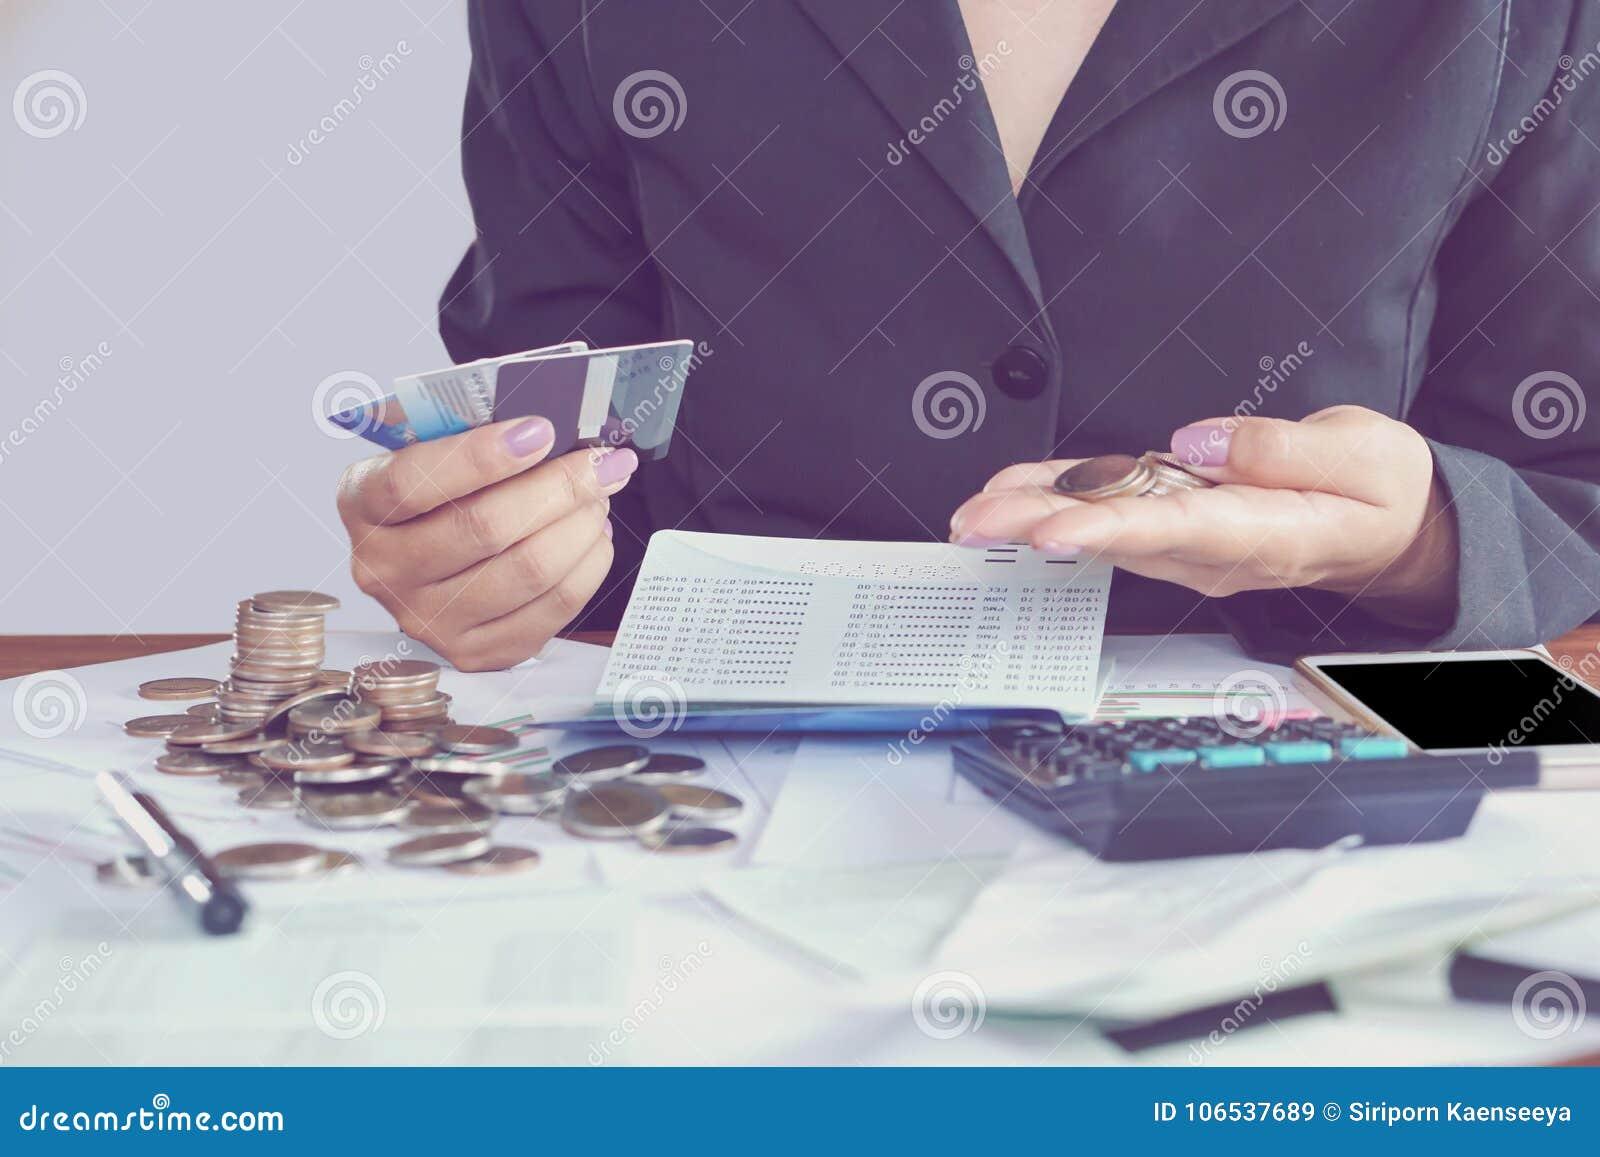 La mano della donna di affari che calcolano le sue spese mensili durante la stagione di imposta con le monete, il calcolatore, la